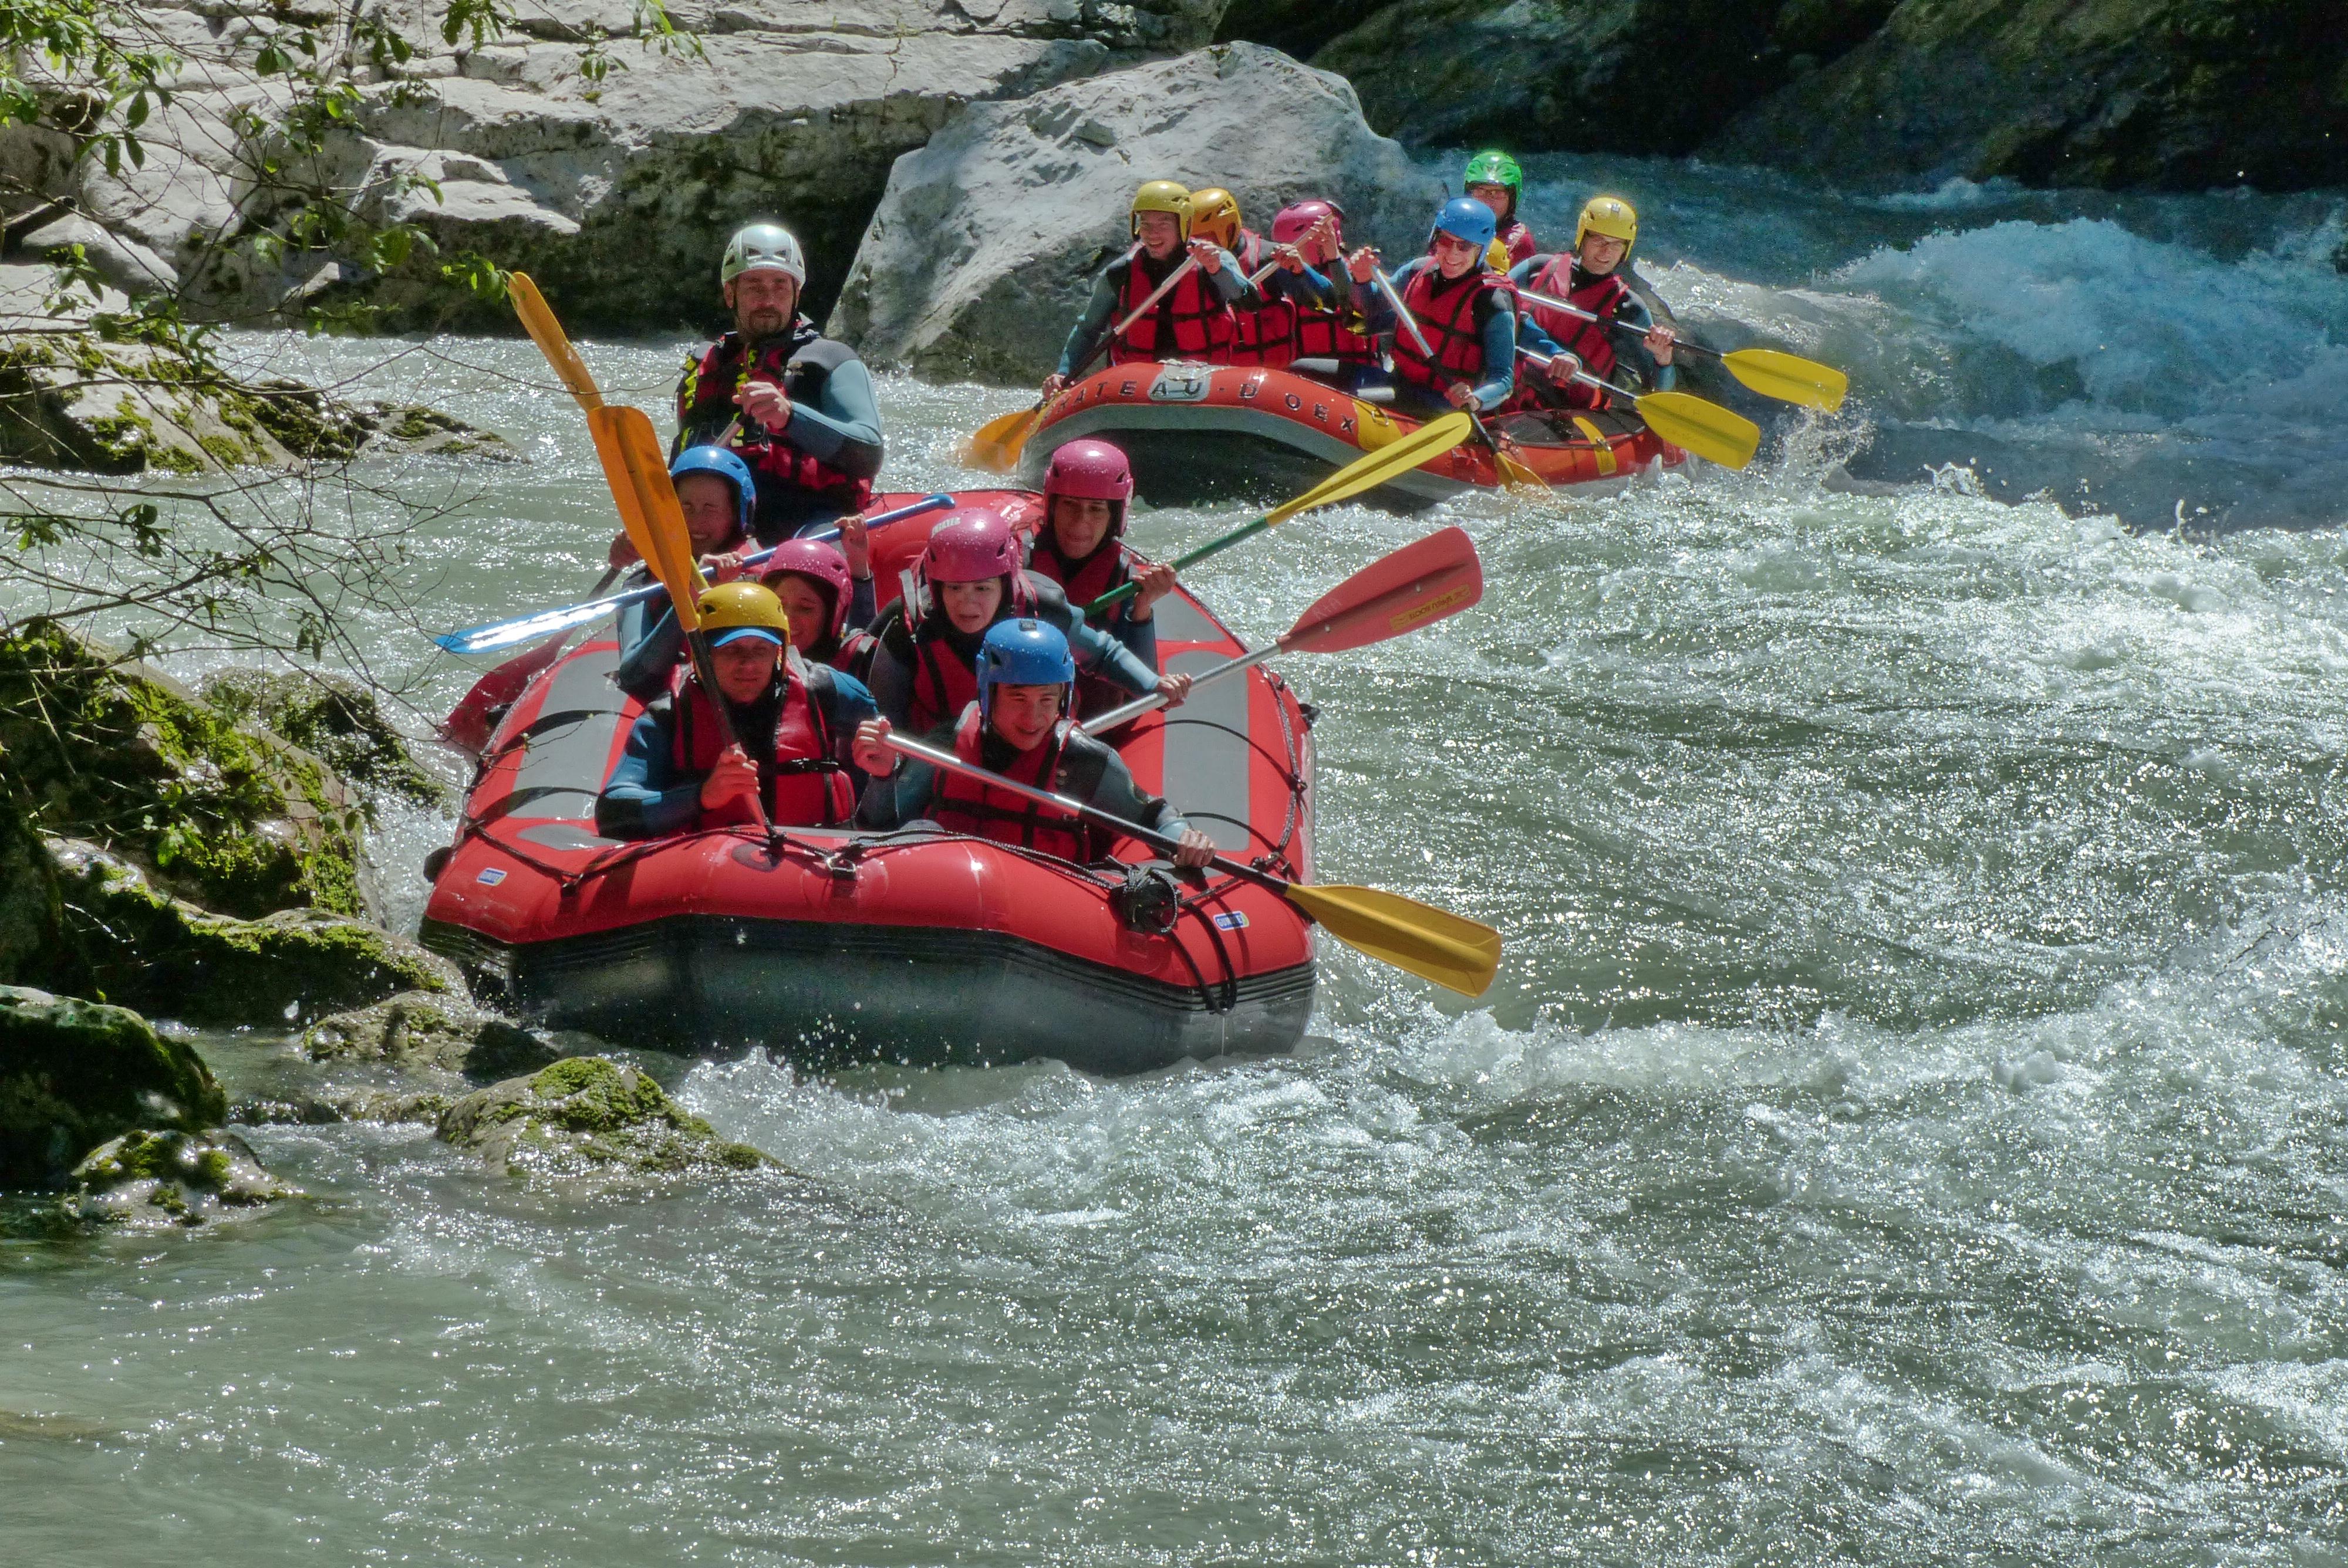 Bons plans pour vos vacances d'été en Suisse - Profitez d'activités fun dans les lacs et rivières du canton de Vaud